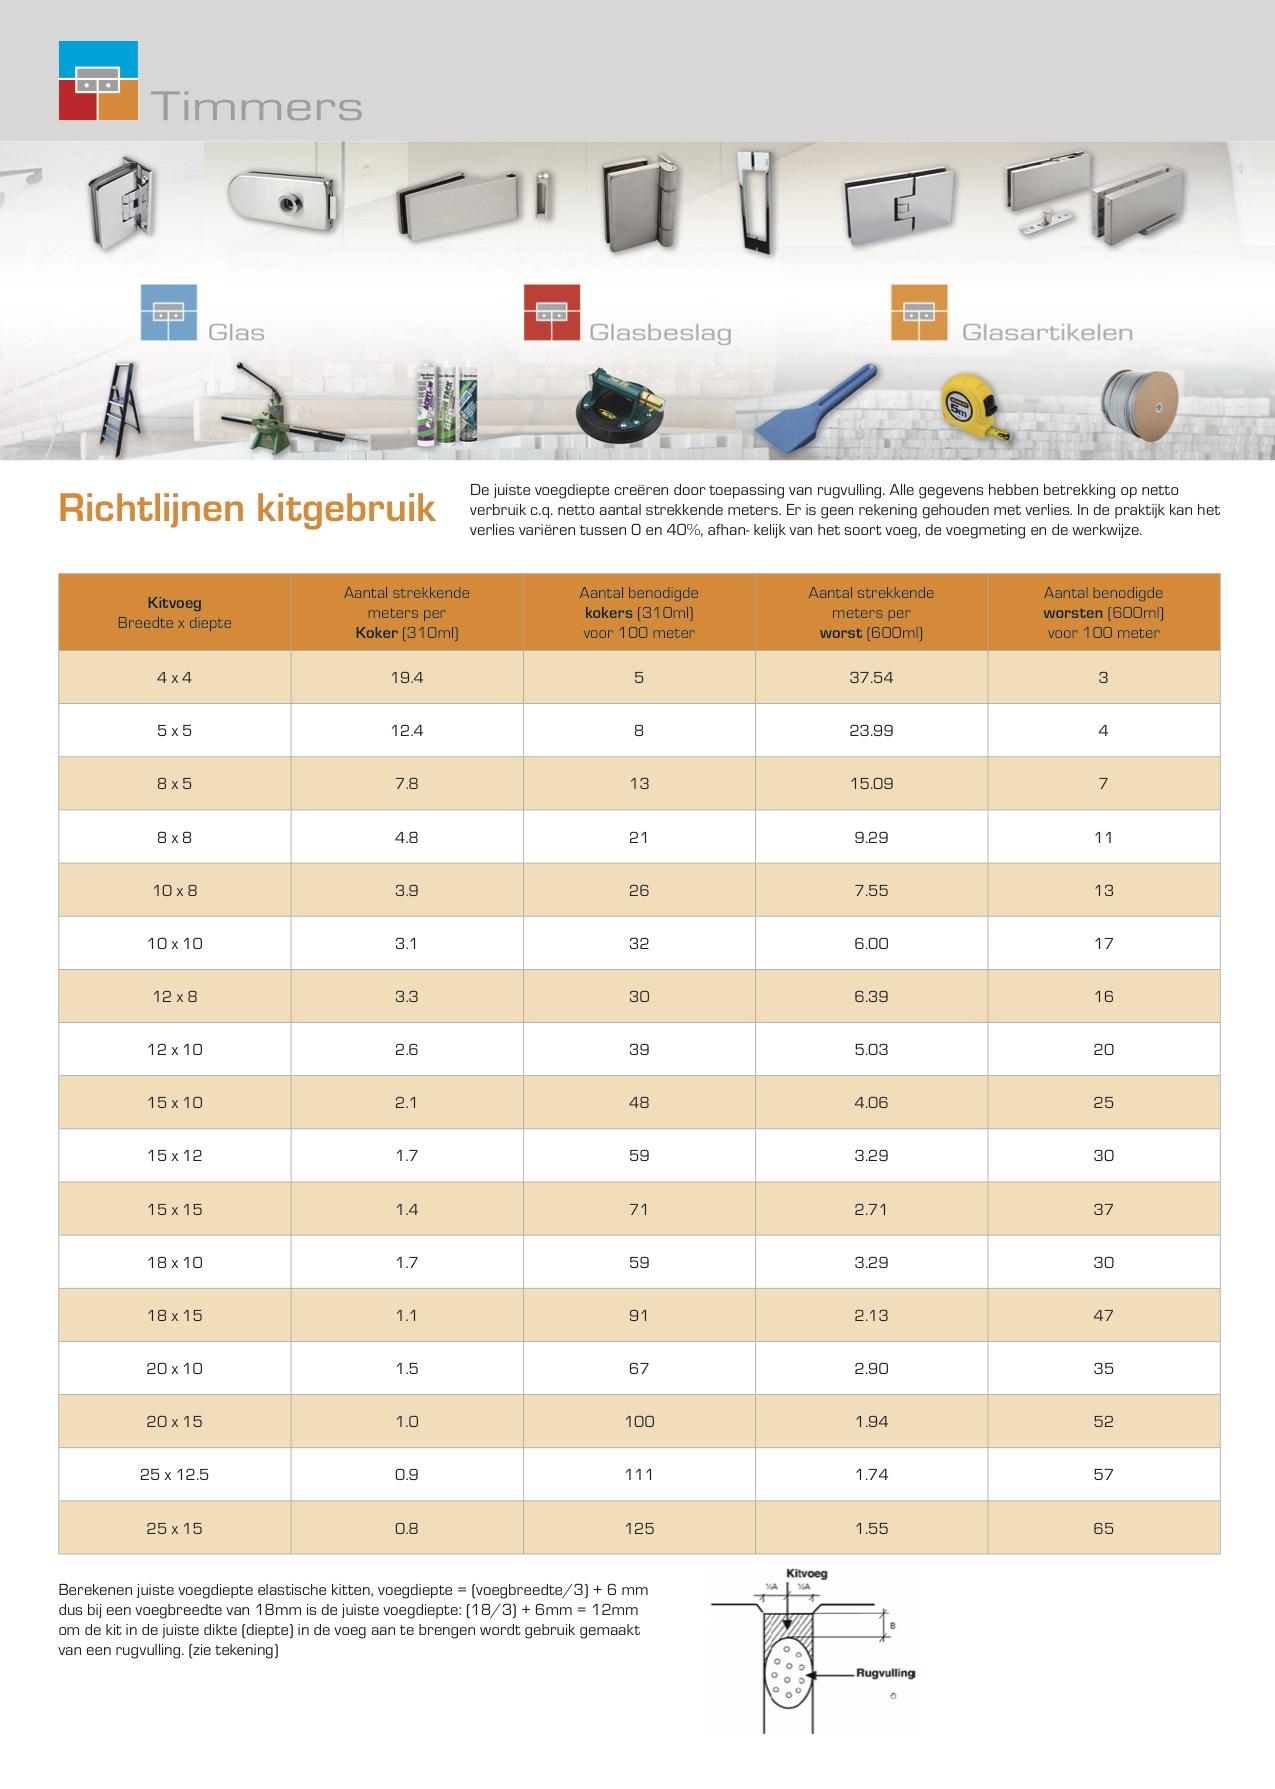 Timmers-Richtlijn-Kitverbruik